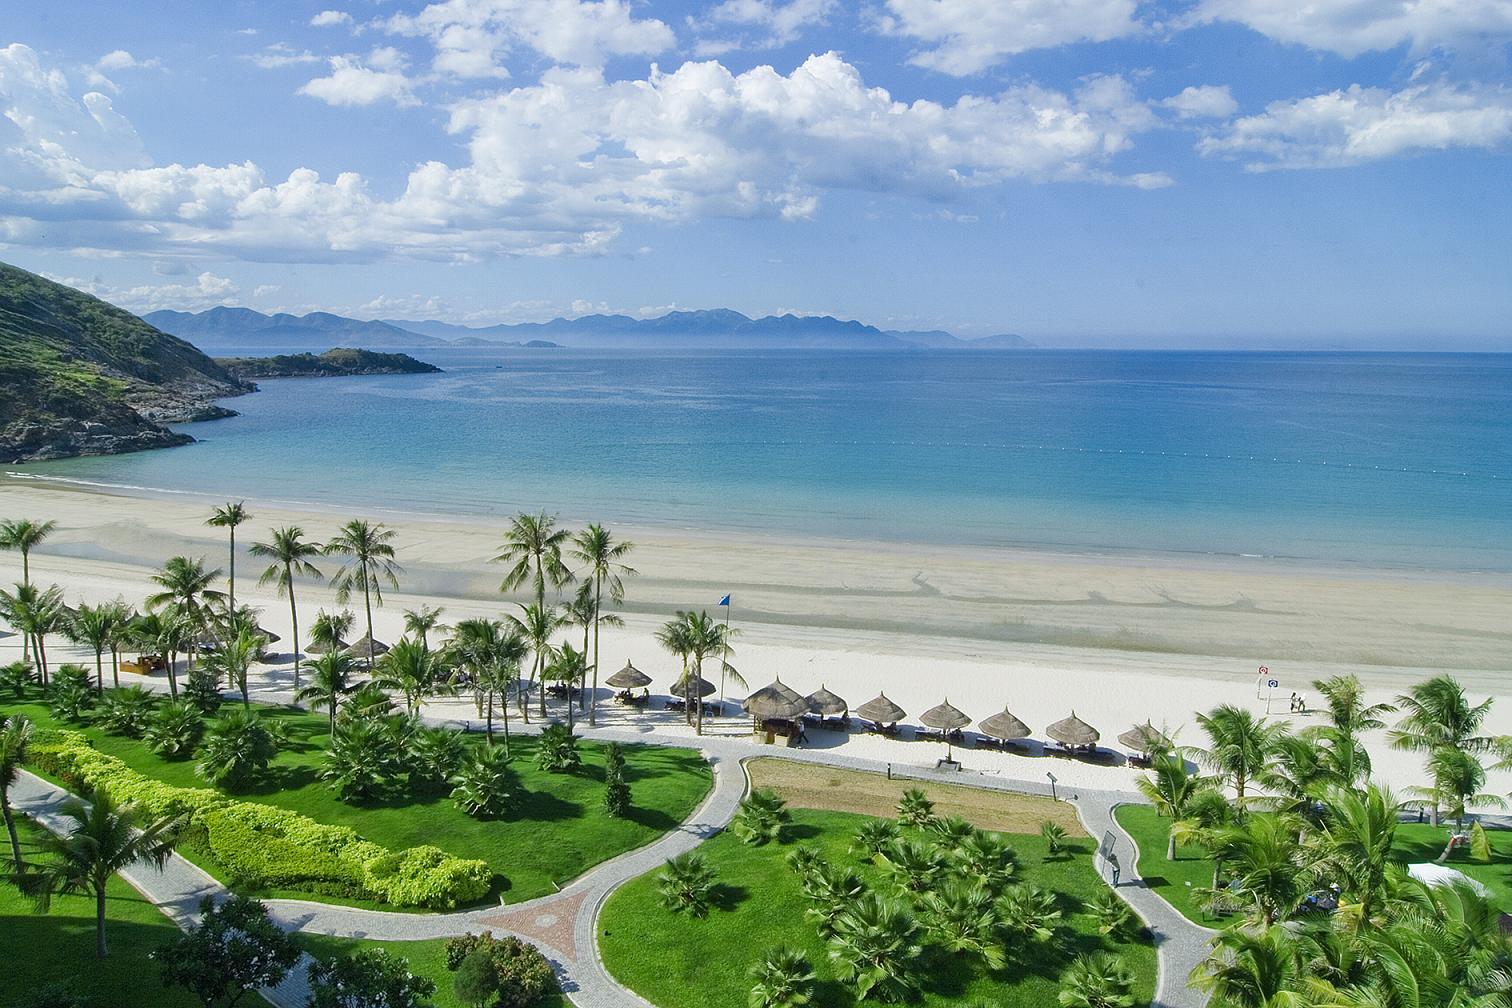 Khu nghỉ dưỡng ALMA - tận dụng lợi thế du lịch Nha Trang